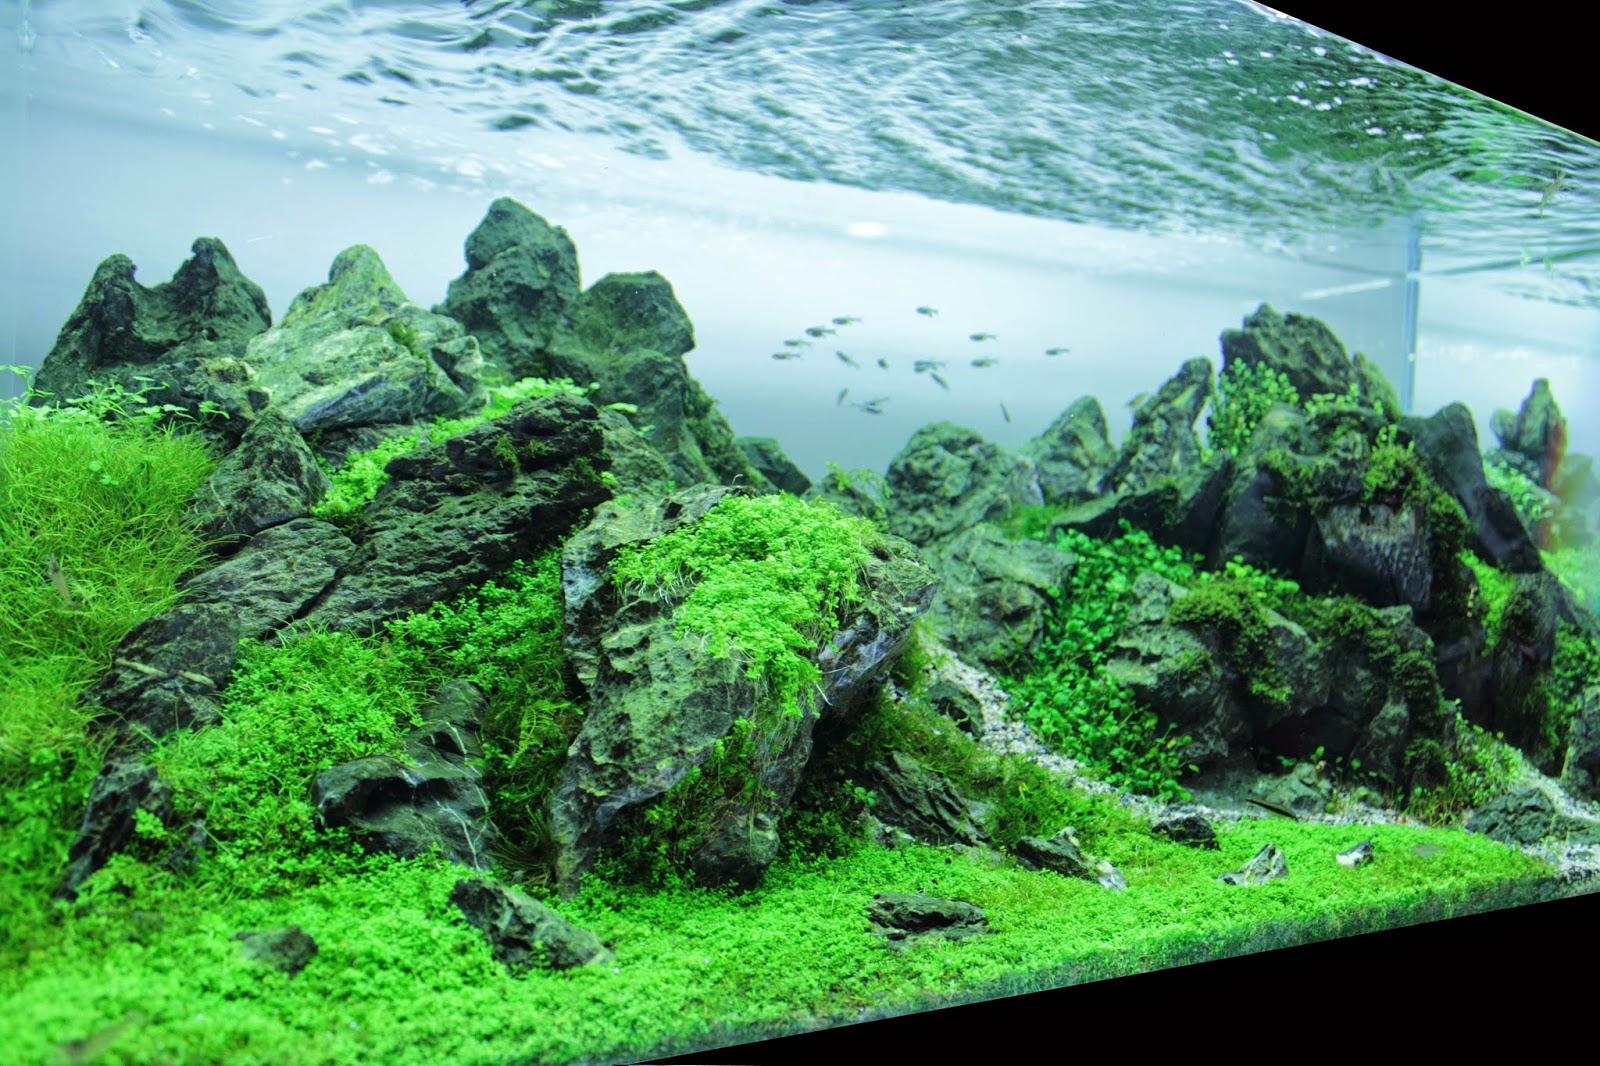 Aquascaping spain vall d 39 ar n by juan puchades - Aquascape espana ...